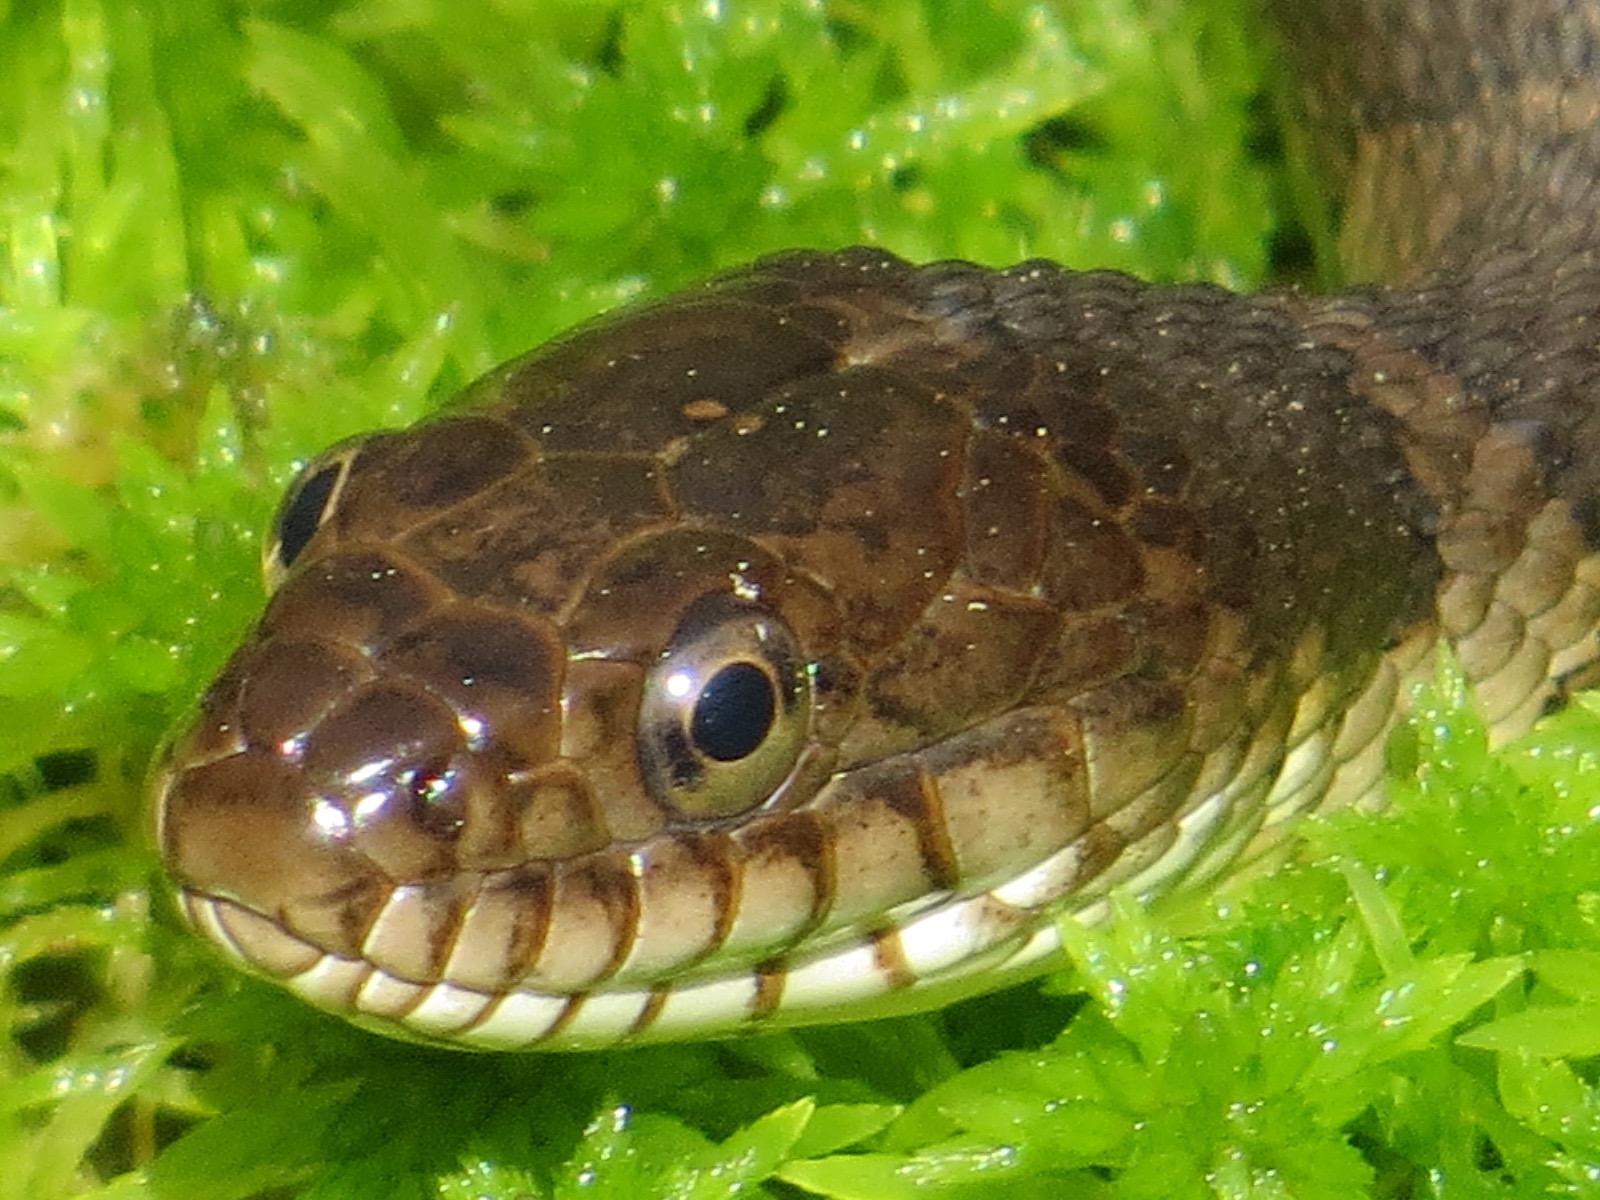 snakes | Backyard and Beyond